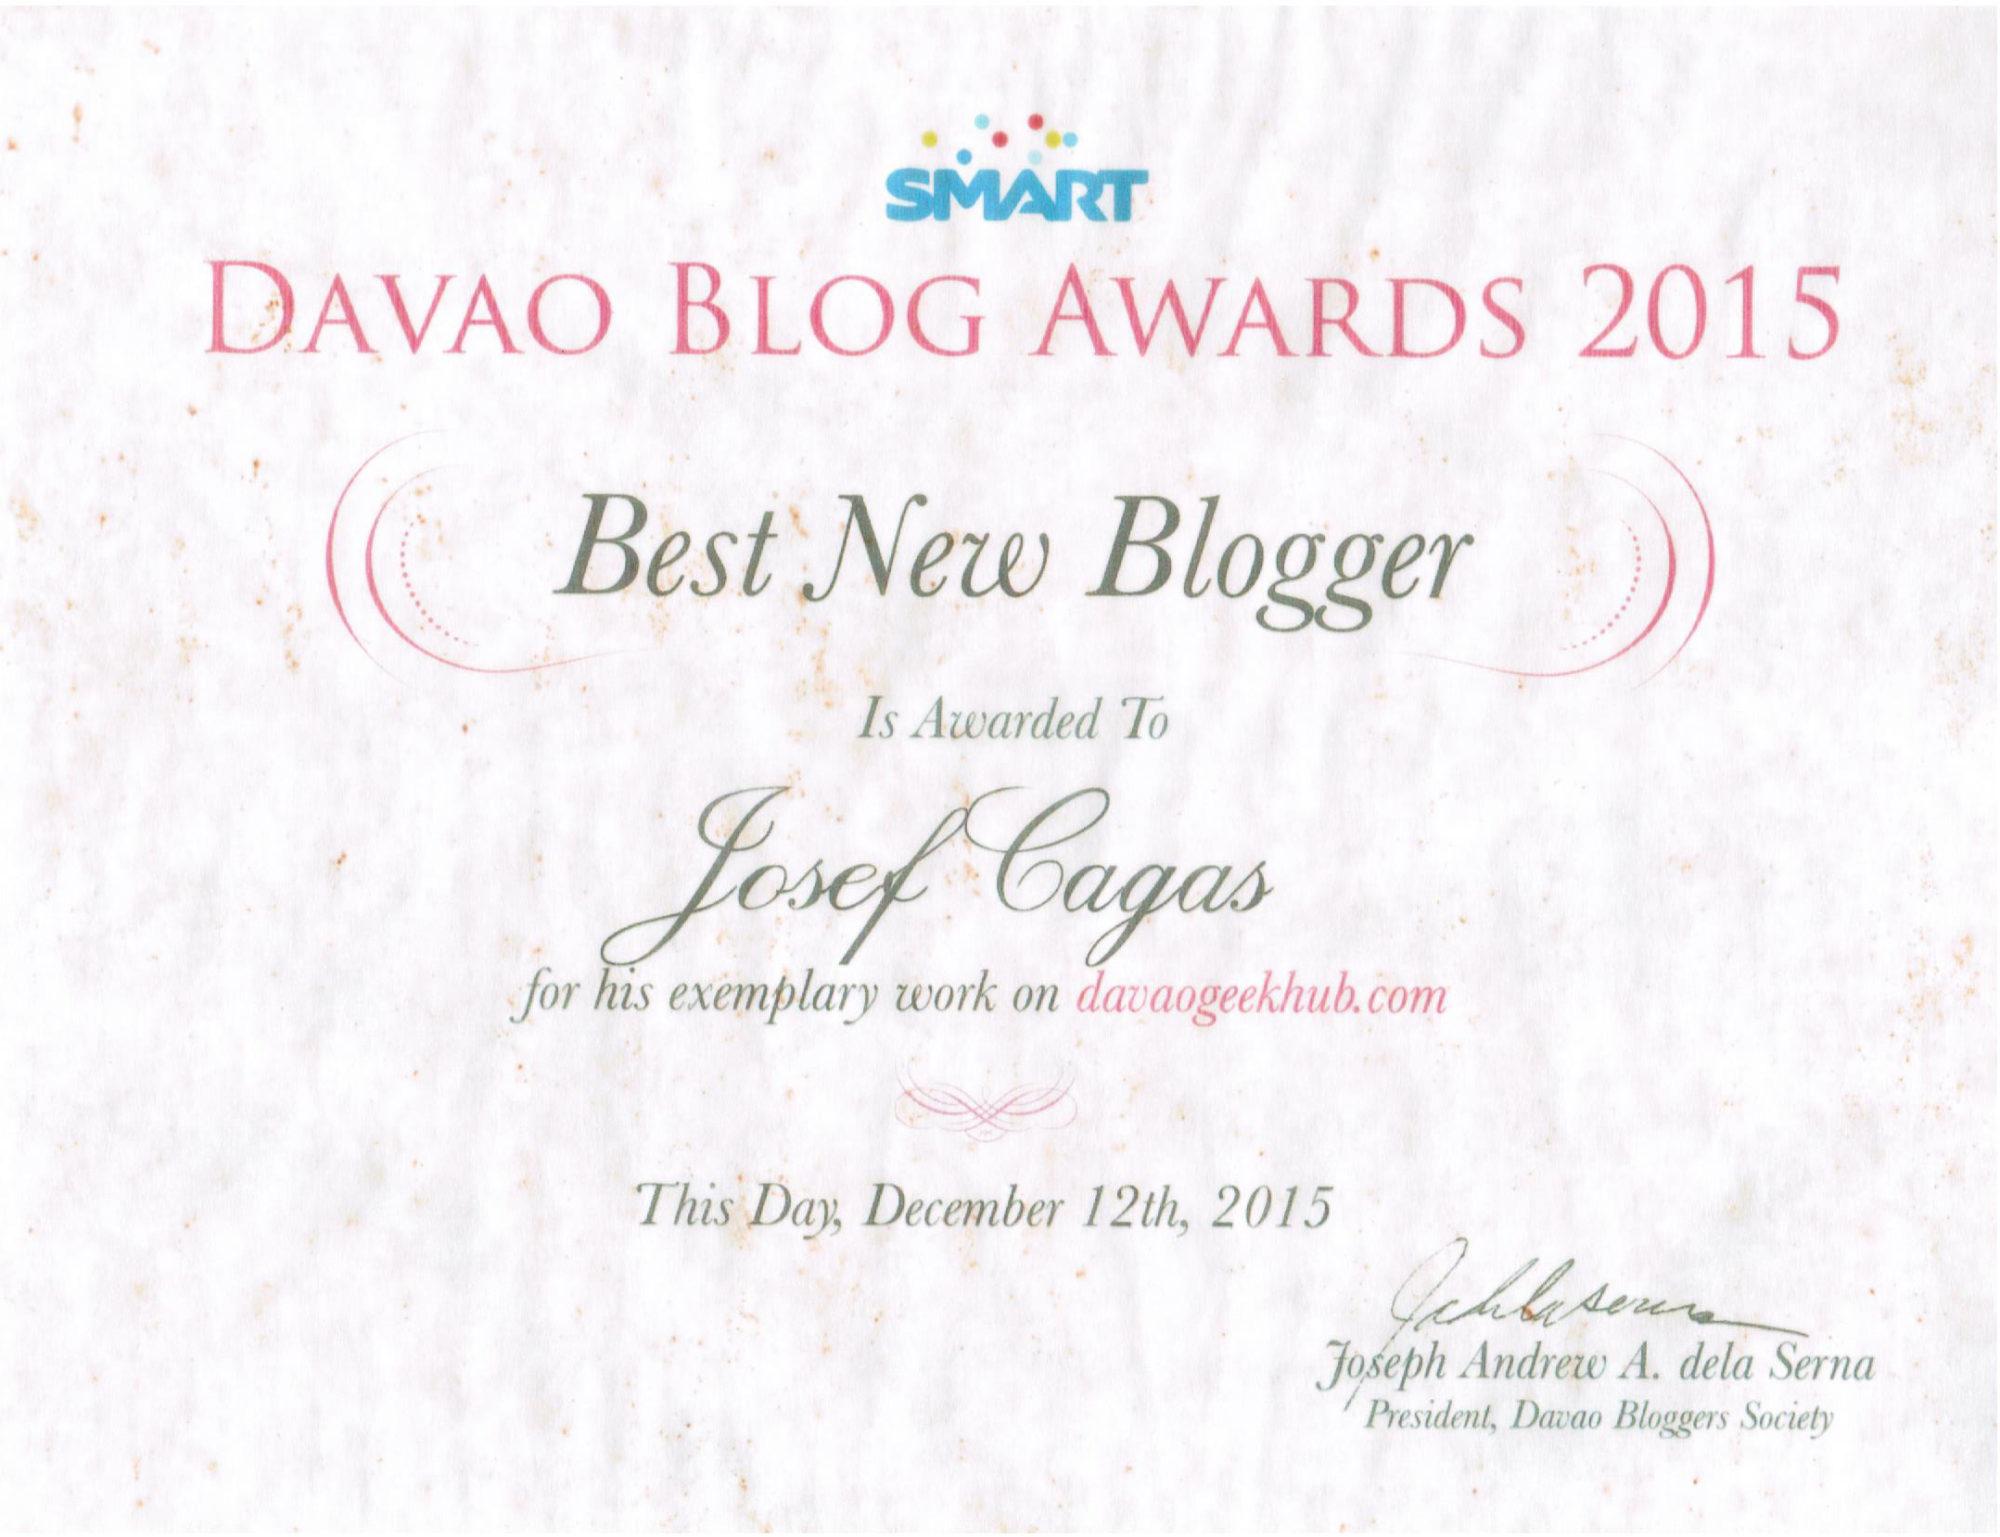 Best New Blogger 2015